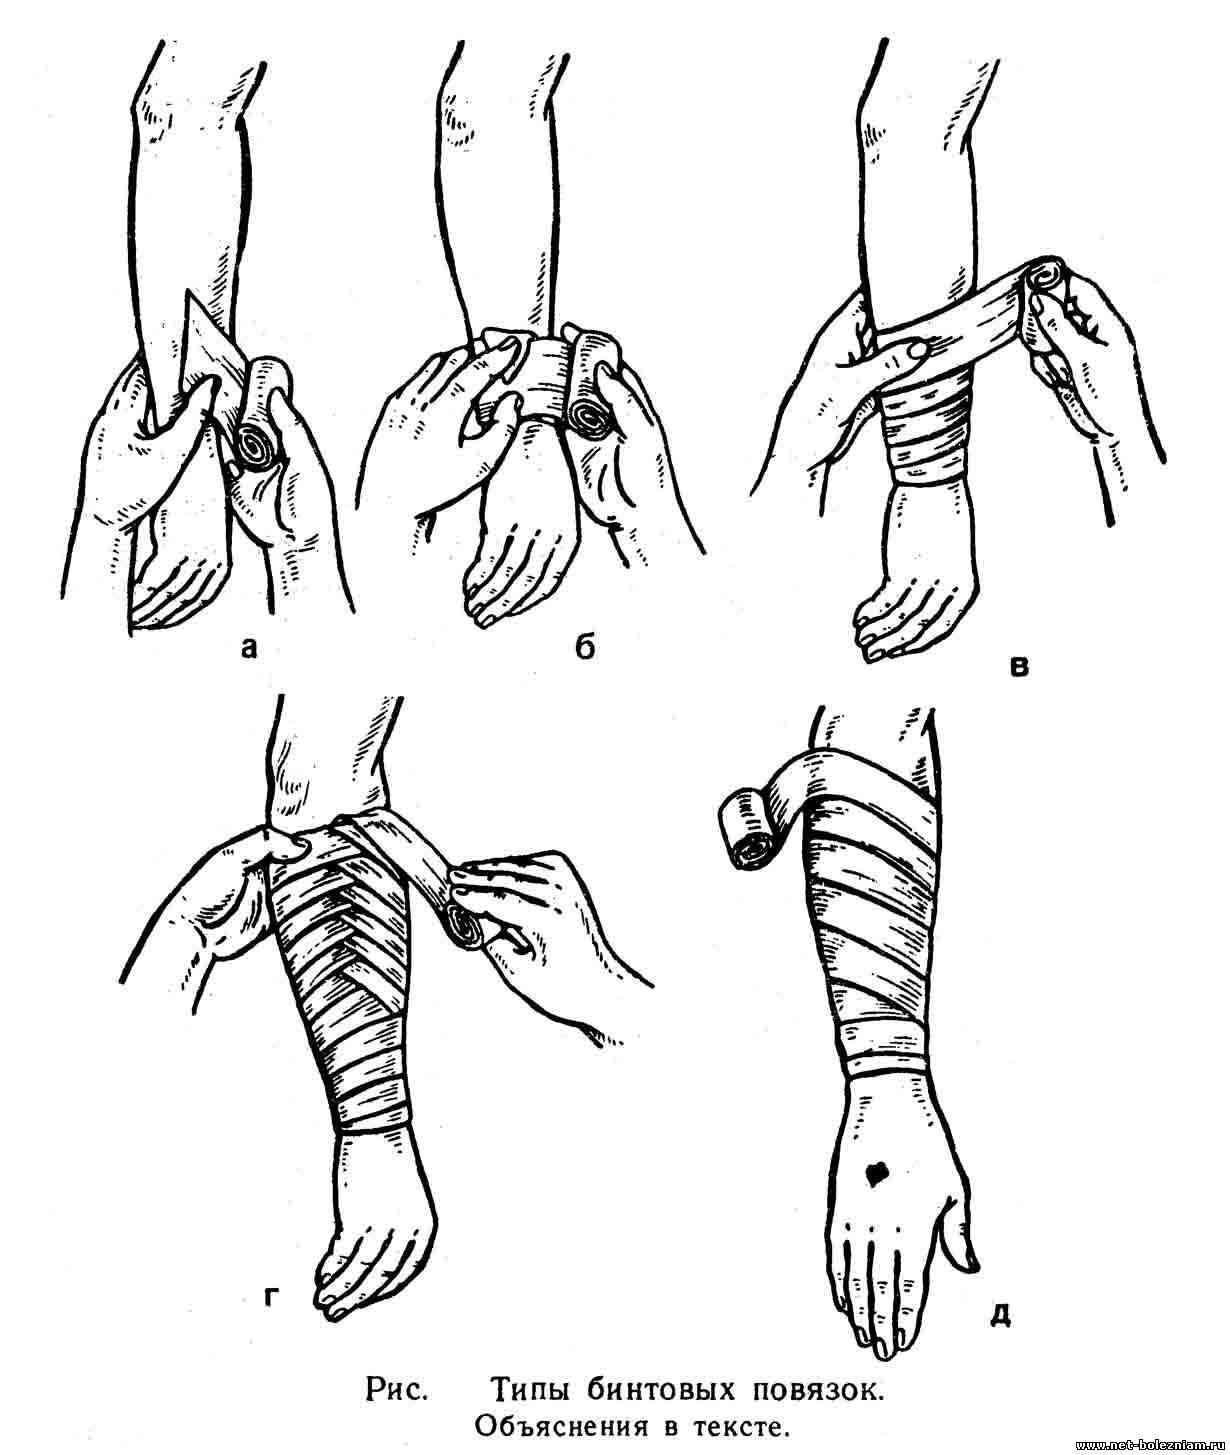 Типы бинтовых повязок